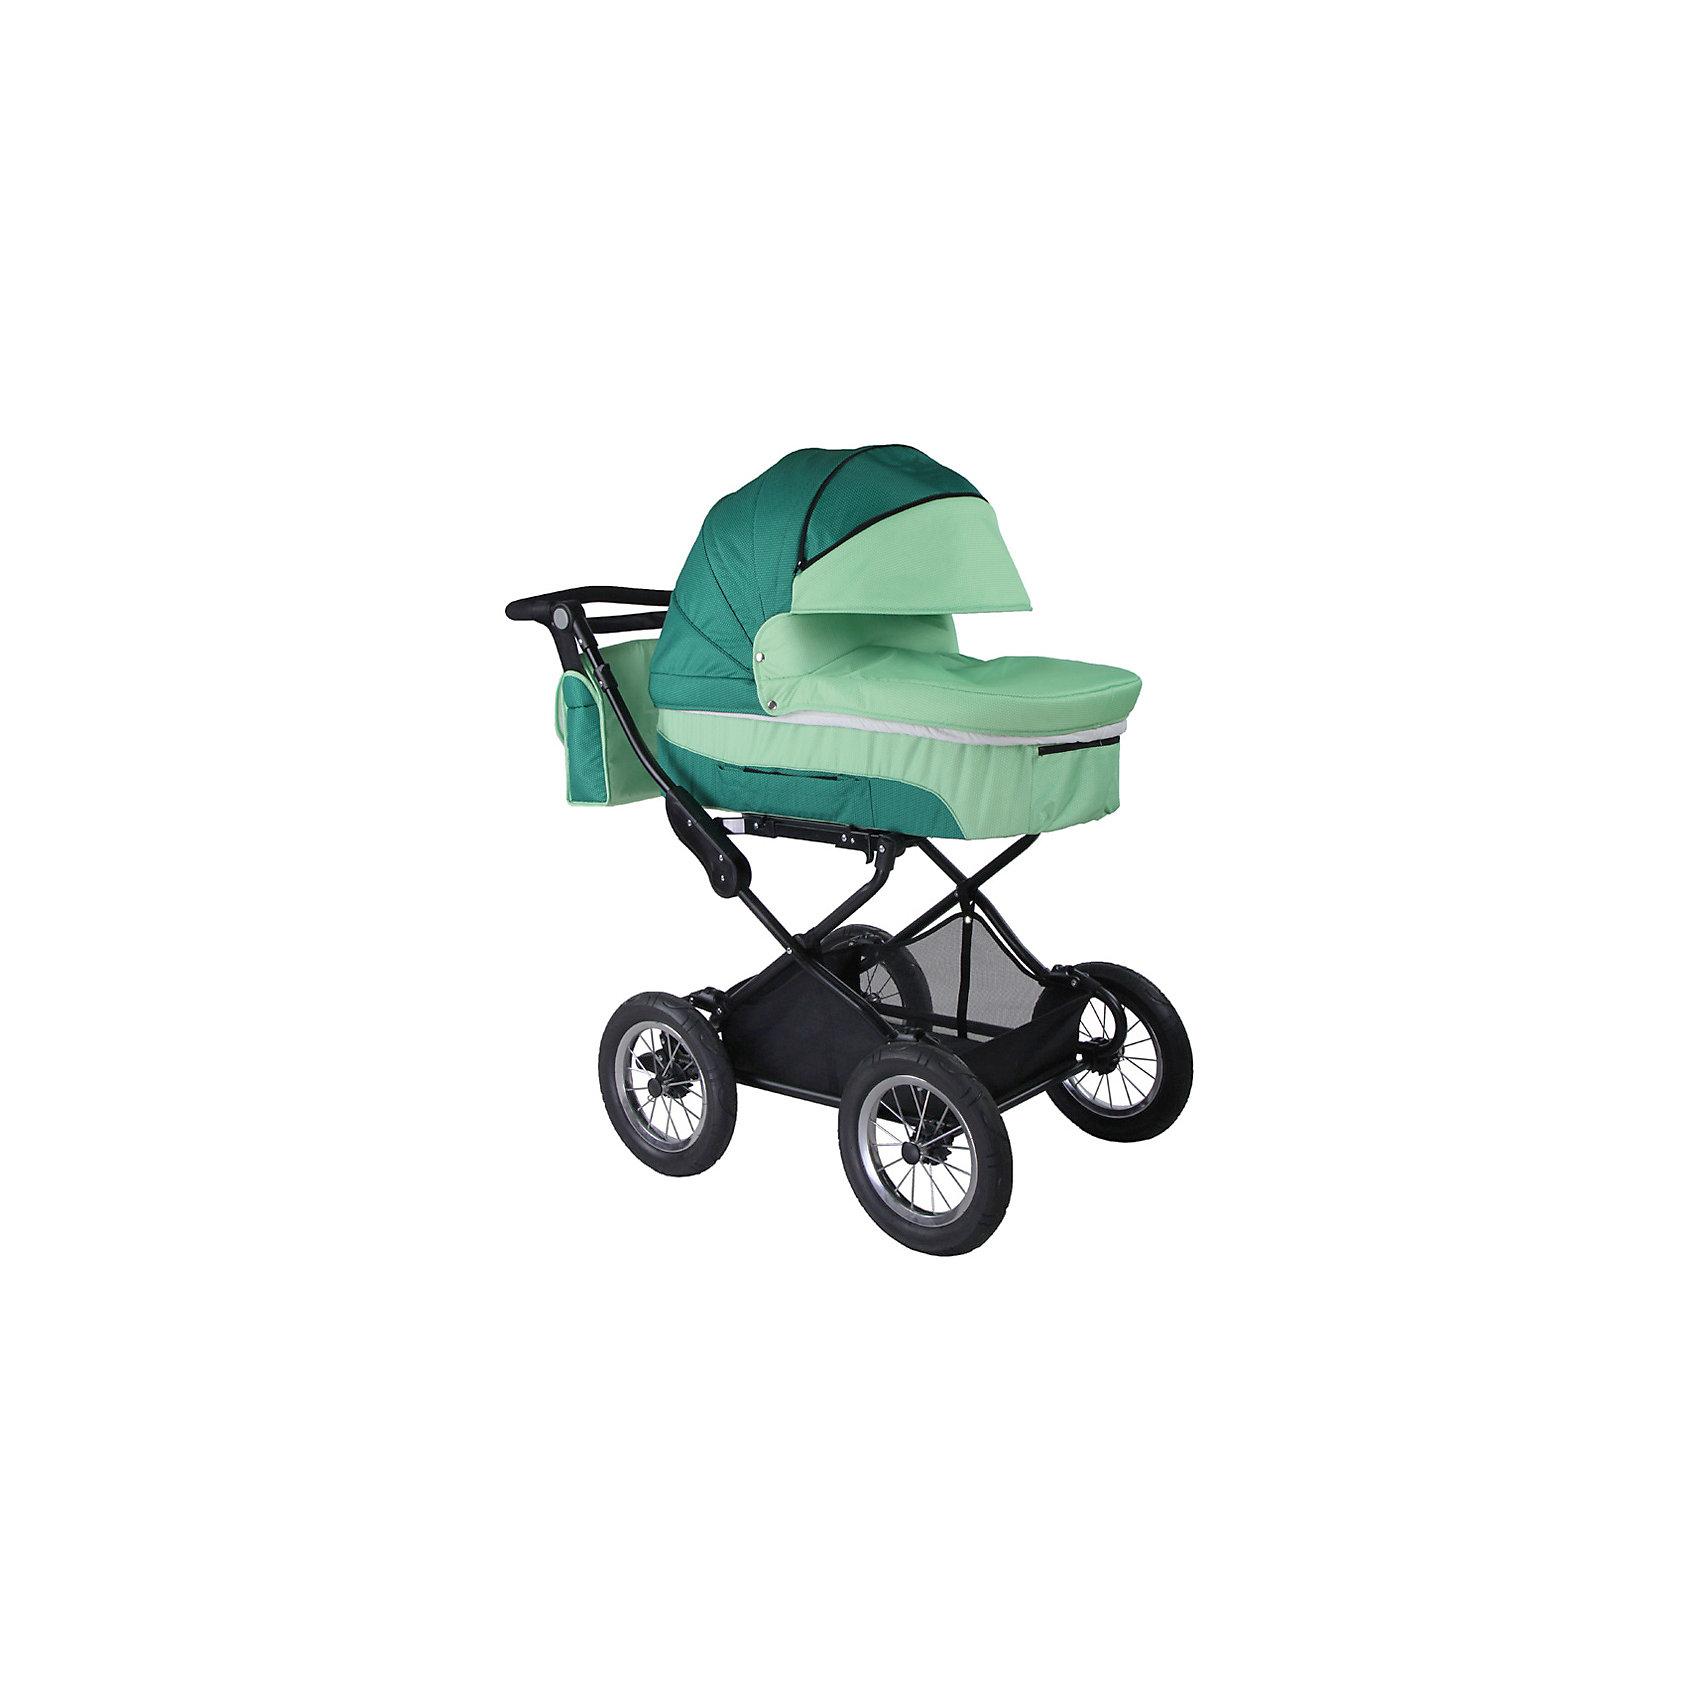 Коляска 2 в 1 BabyHit EVENLY , зеленыйКоляски 2 в 1<br>Универсальная коляска 2 в 1 Babyhit Evenly - достойный претендент на роль первого транспортного средства для Вашего малыша. Практичная, очень комфортная и надежная станет приятным приобретением,  как для Вас, так и для Вашего ребенка на протяжении всего срока эксплуатации.<br><br>Дополнительная информация::<br><br>Капюшон «батискаф» на люльке и прогулочном блоке<br>Регулируемая спинка прогулочного сиденья (до положения «лежа»)<br>Регулируемая по высоте ручка<br>Установка люльки и прогулочного блока в любом направлении движения<br>Ремни для переноски люльки в боковых карманах<br>Съемный поручень прогулочного сиденья с паховым ремнем<br>Колеса надувные, диаметр 30 см<br>Система амортизации на всех колесах<br>Багажная корзина<br><br>В комплекте:<br><br>Дождевик<br>Москитная сетка<br>Два полога<br>Сумка для мамы<br>Вес коляски с прогулочным блоком - 16,5 кг<br>Вес коляски с люлькой - 16 кг.<br>Вес прогулочного блока - 5,5 кг<br>Вес люльки - 5 кг<br>Вес рамы - 11 кг.<br><br>Коляску 2-в-1 EVENLY BabyHit, зеленый можно купить в нашем магазине.<br><br>Ширина мм: 520<br>Глубина мм: 320<br>Высота мм: 850<br>Вес г: 22000<br>Цвет: зеленый<br>Возраст от месяцев: 0<br>Возраст до месяцев: 36<br>Пол: Унисекс<br>Возраст: Детский<br>SKU: 4640310